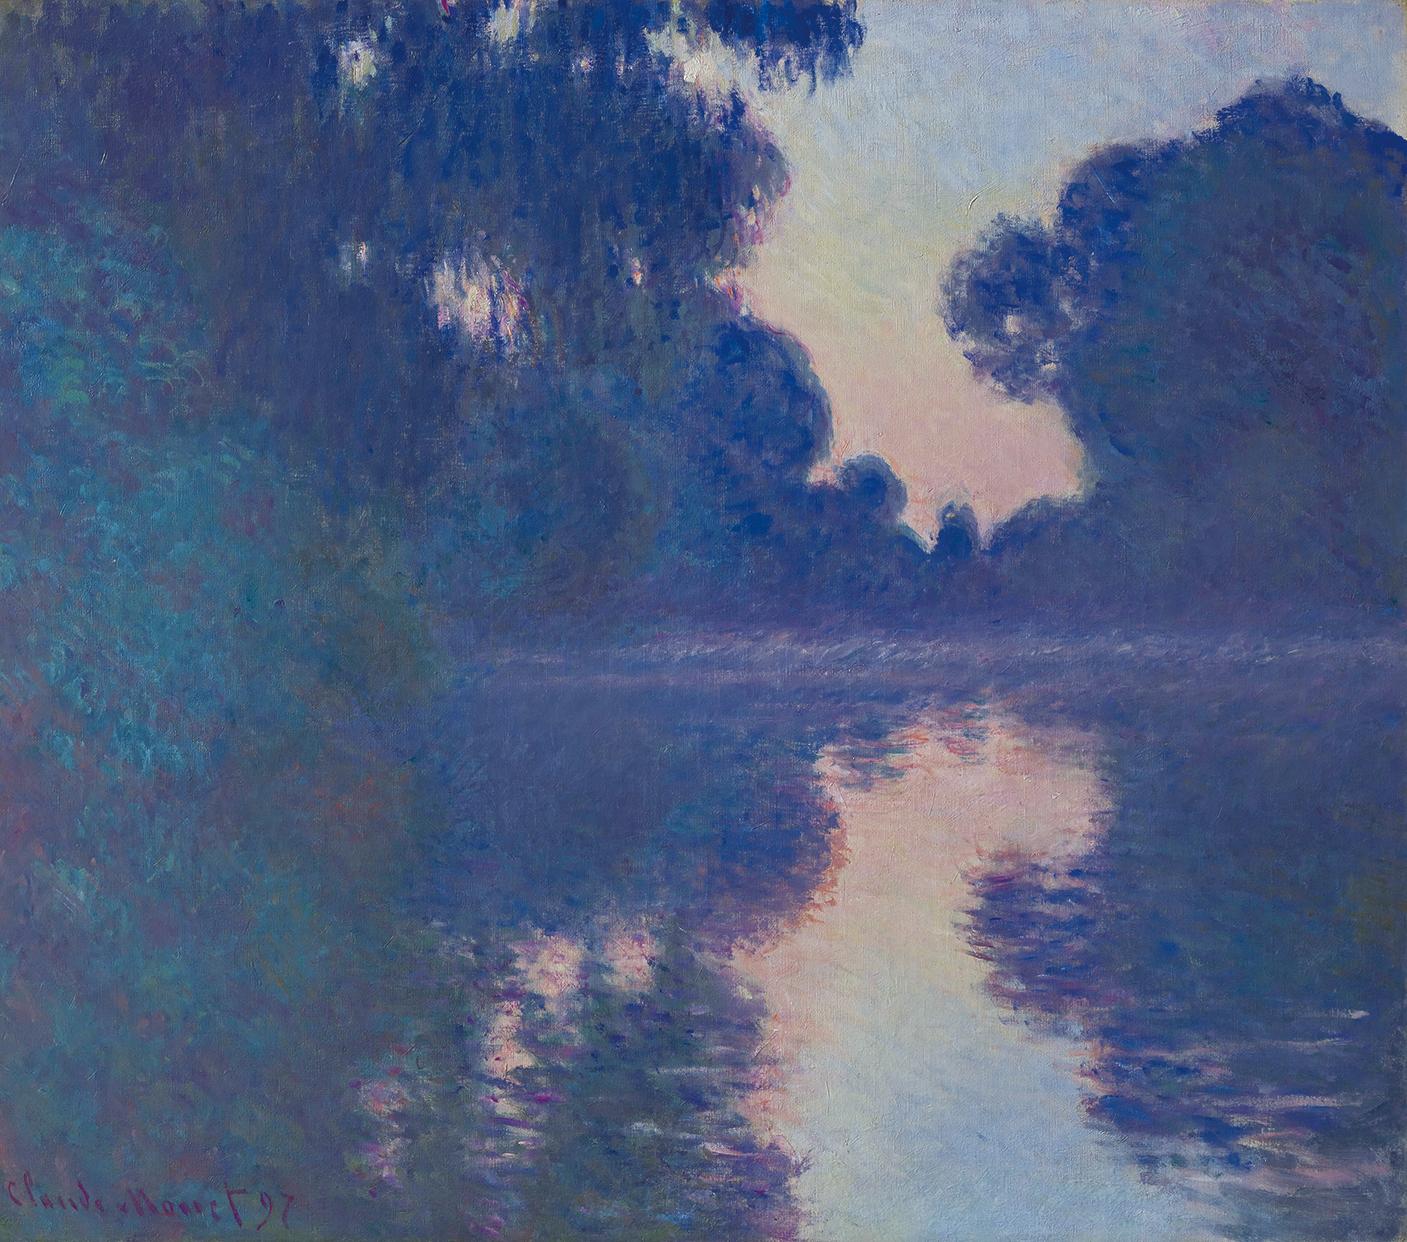 クロード・モネ 《セーヌ河の朝》1897年 ひろしま美術館蔵